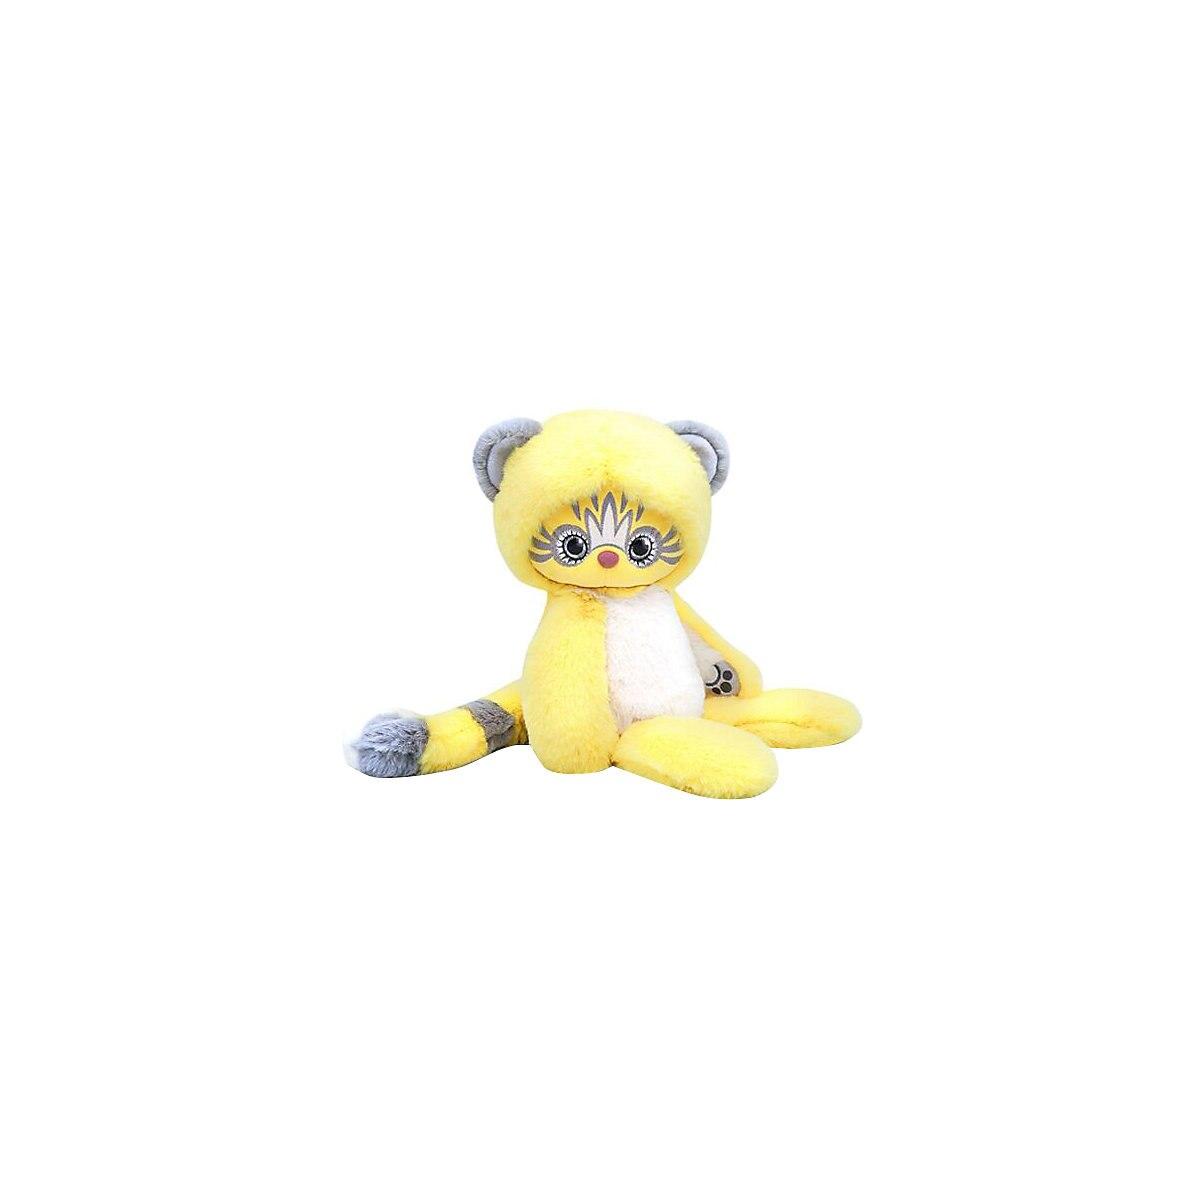 Animales de peluche y felpa 11371205 juguete para niños y niñas juguetes suaves para bebés